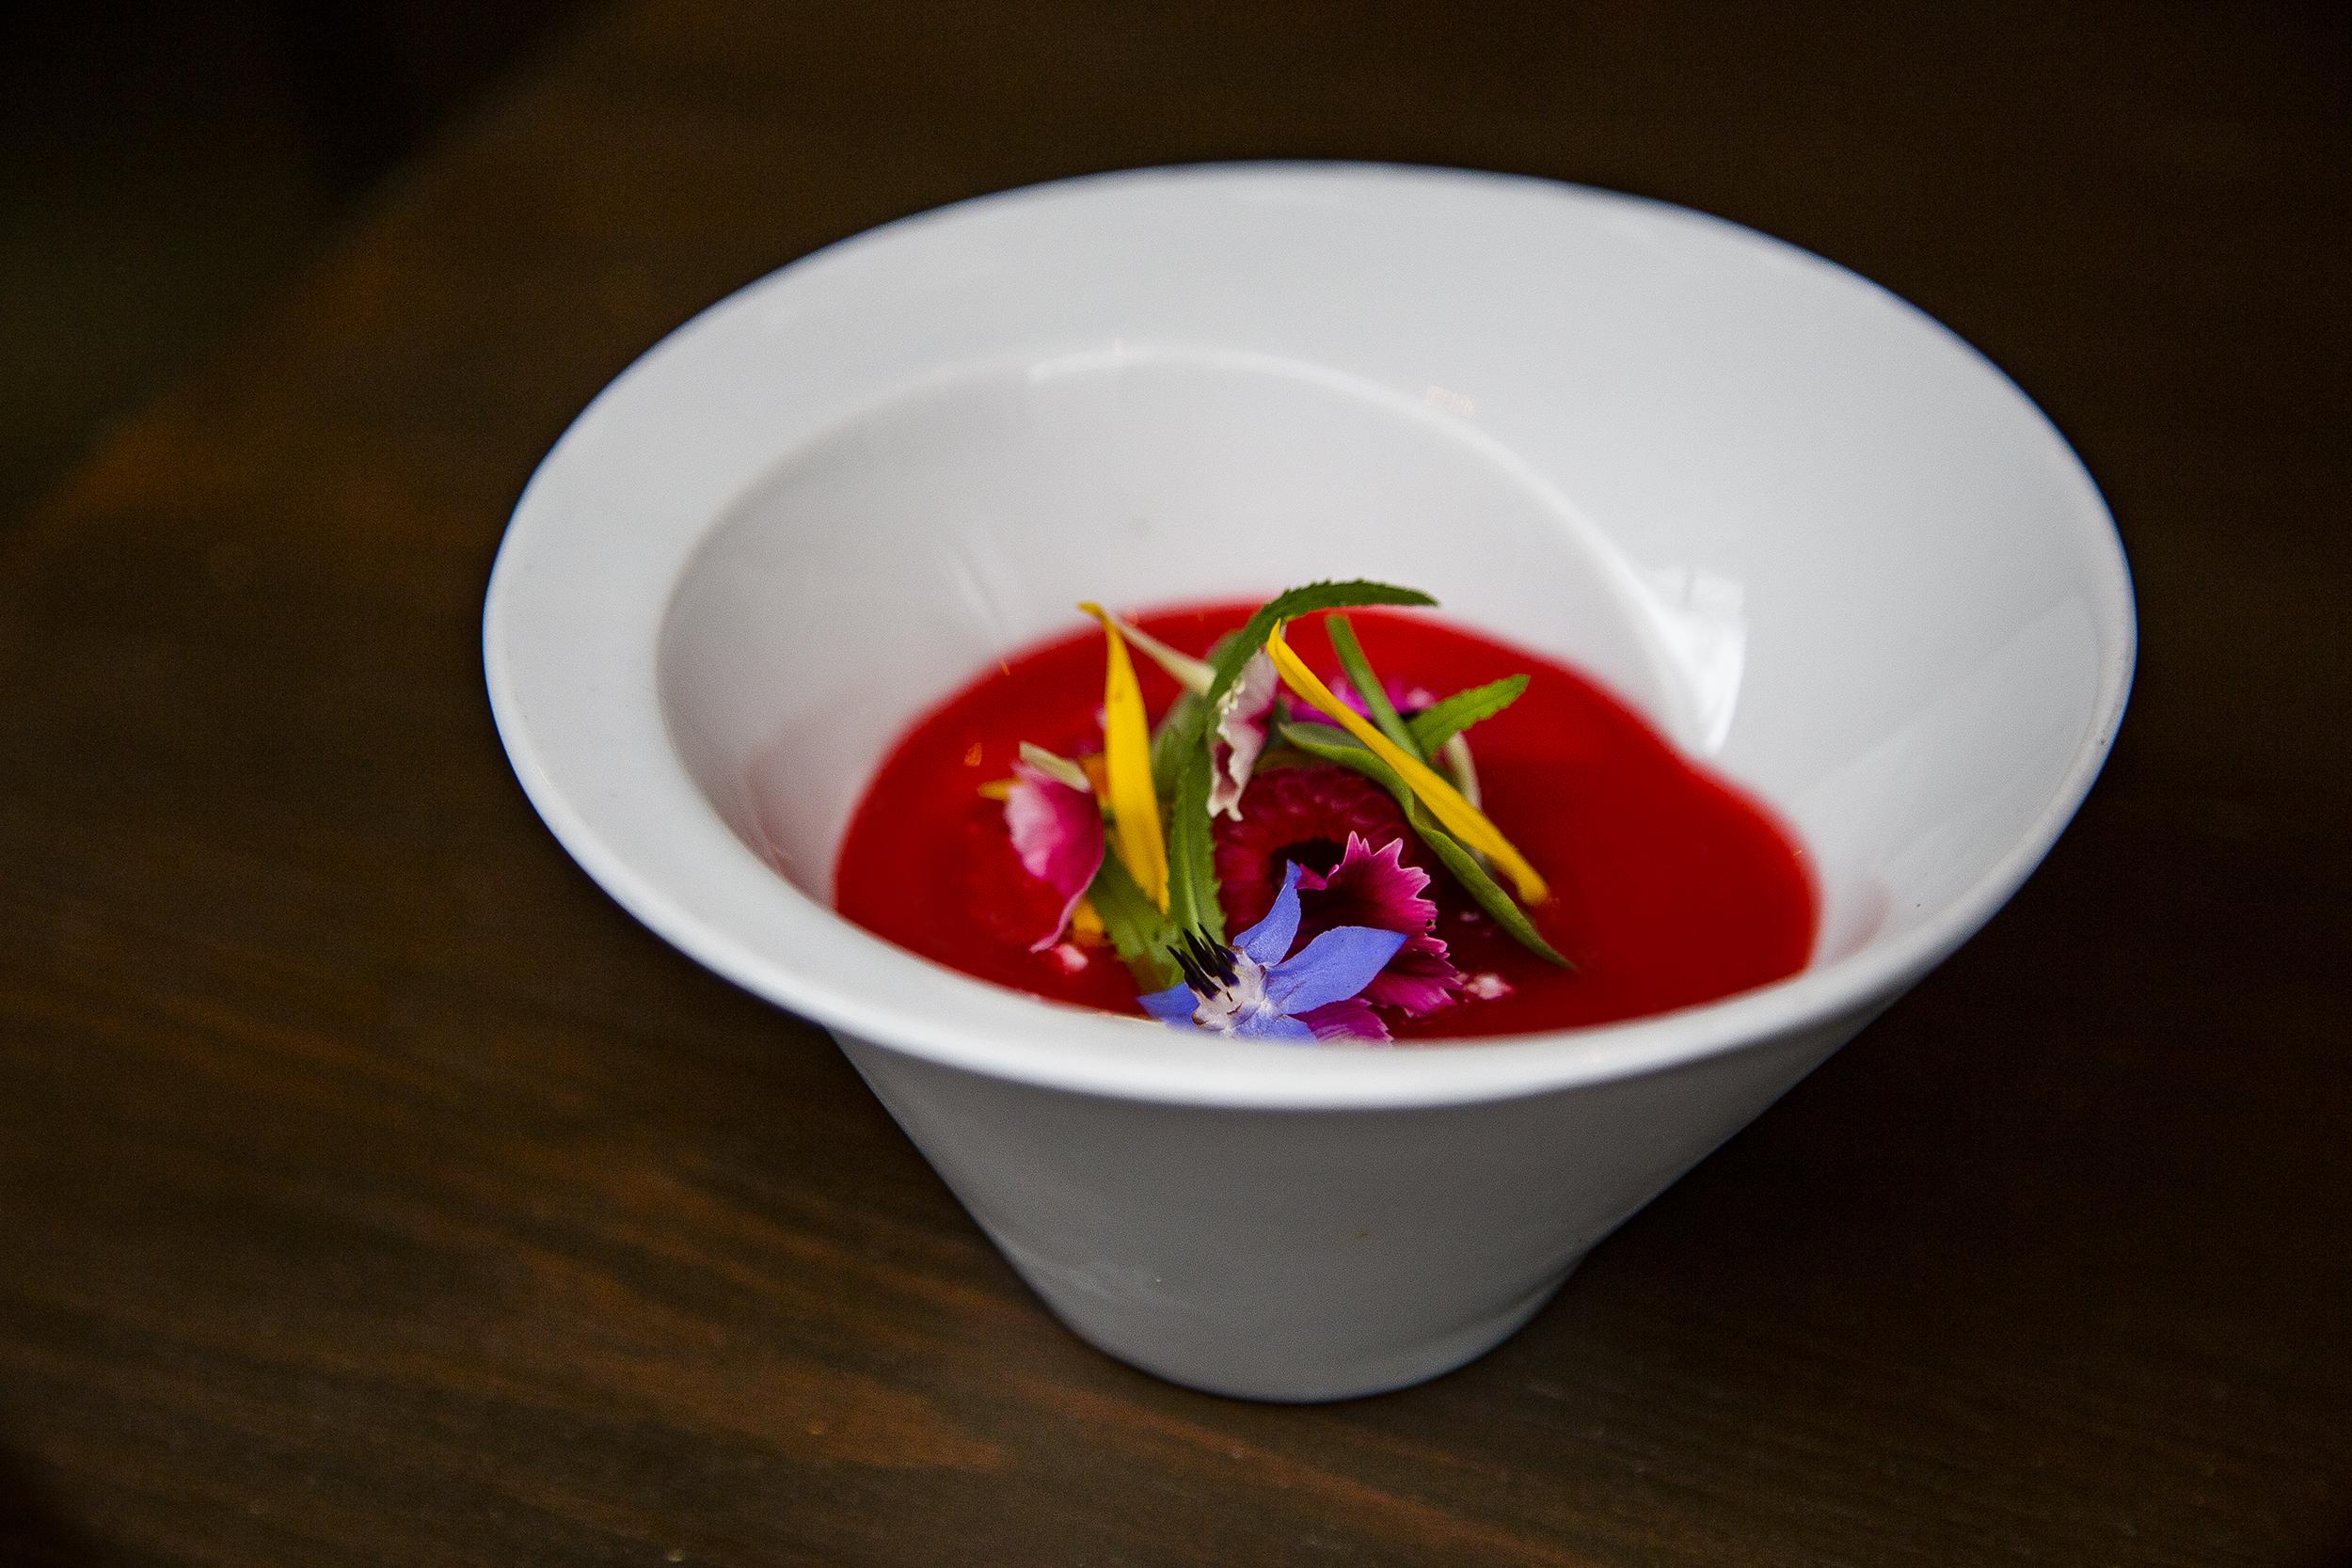 Scottish Raspberries with Strained Yogurt and Barley